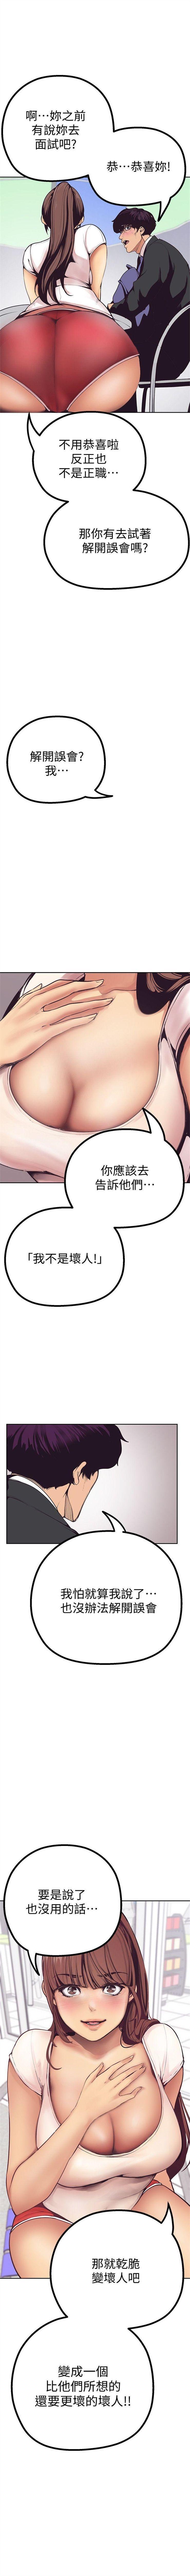 (週1)美麗新世界 1-70 中文翻譯 (更新中) 31